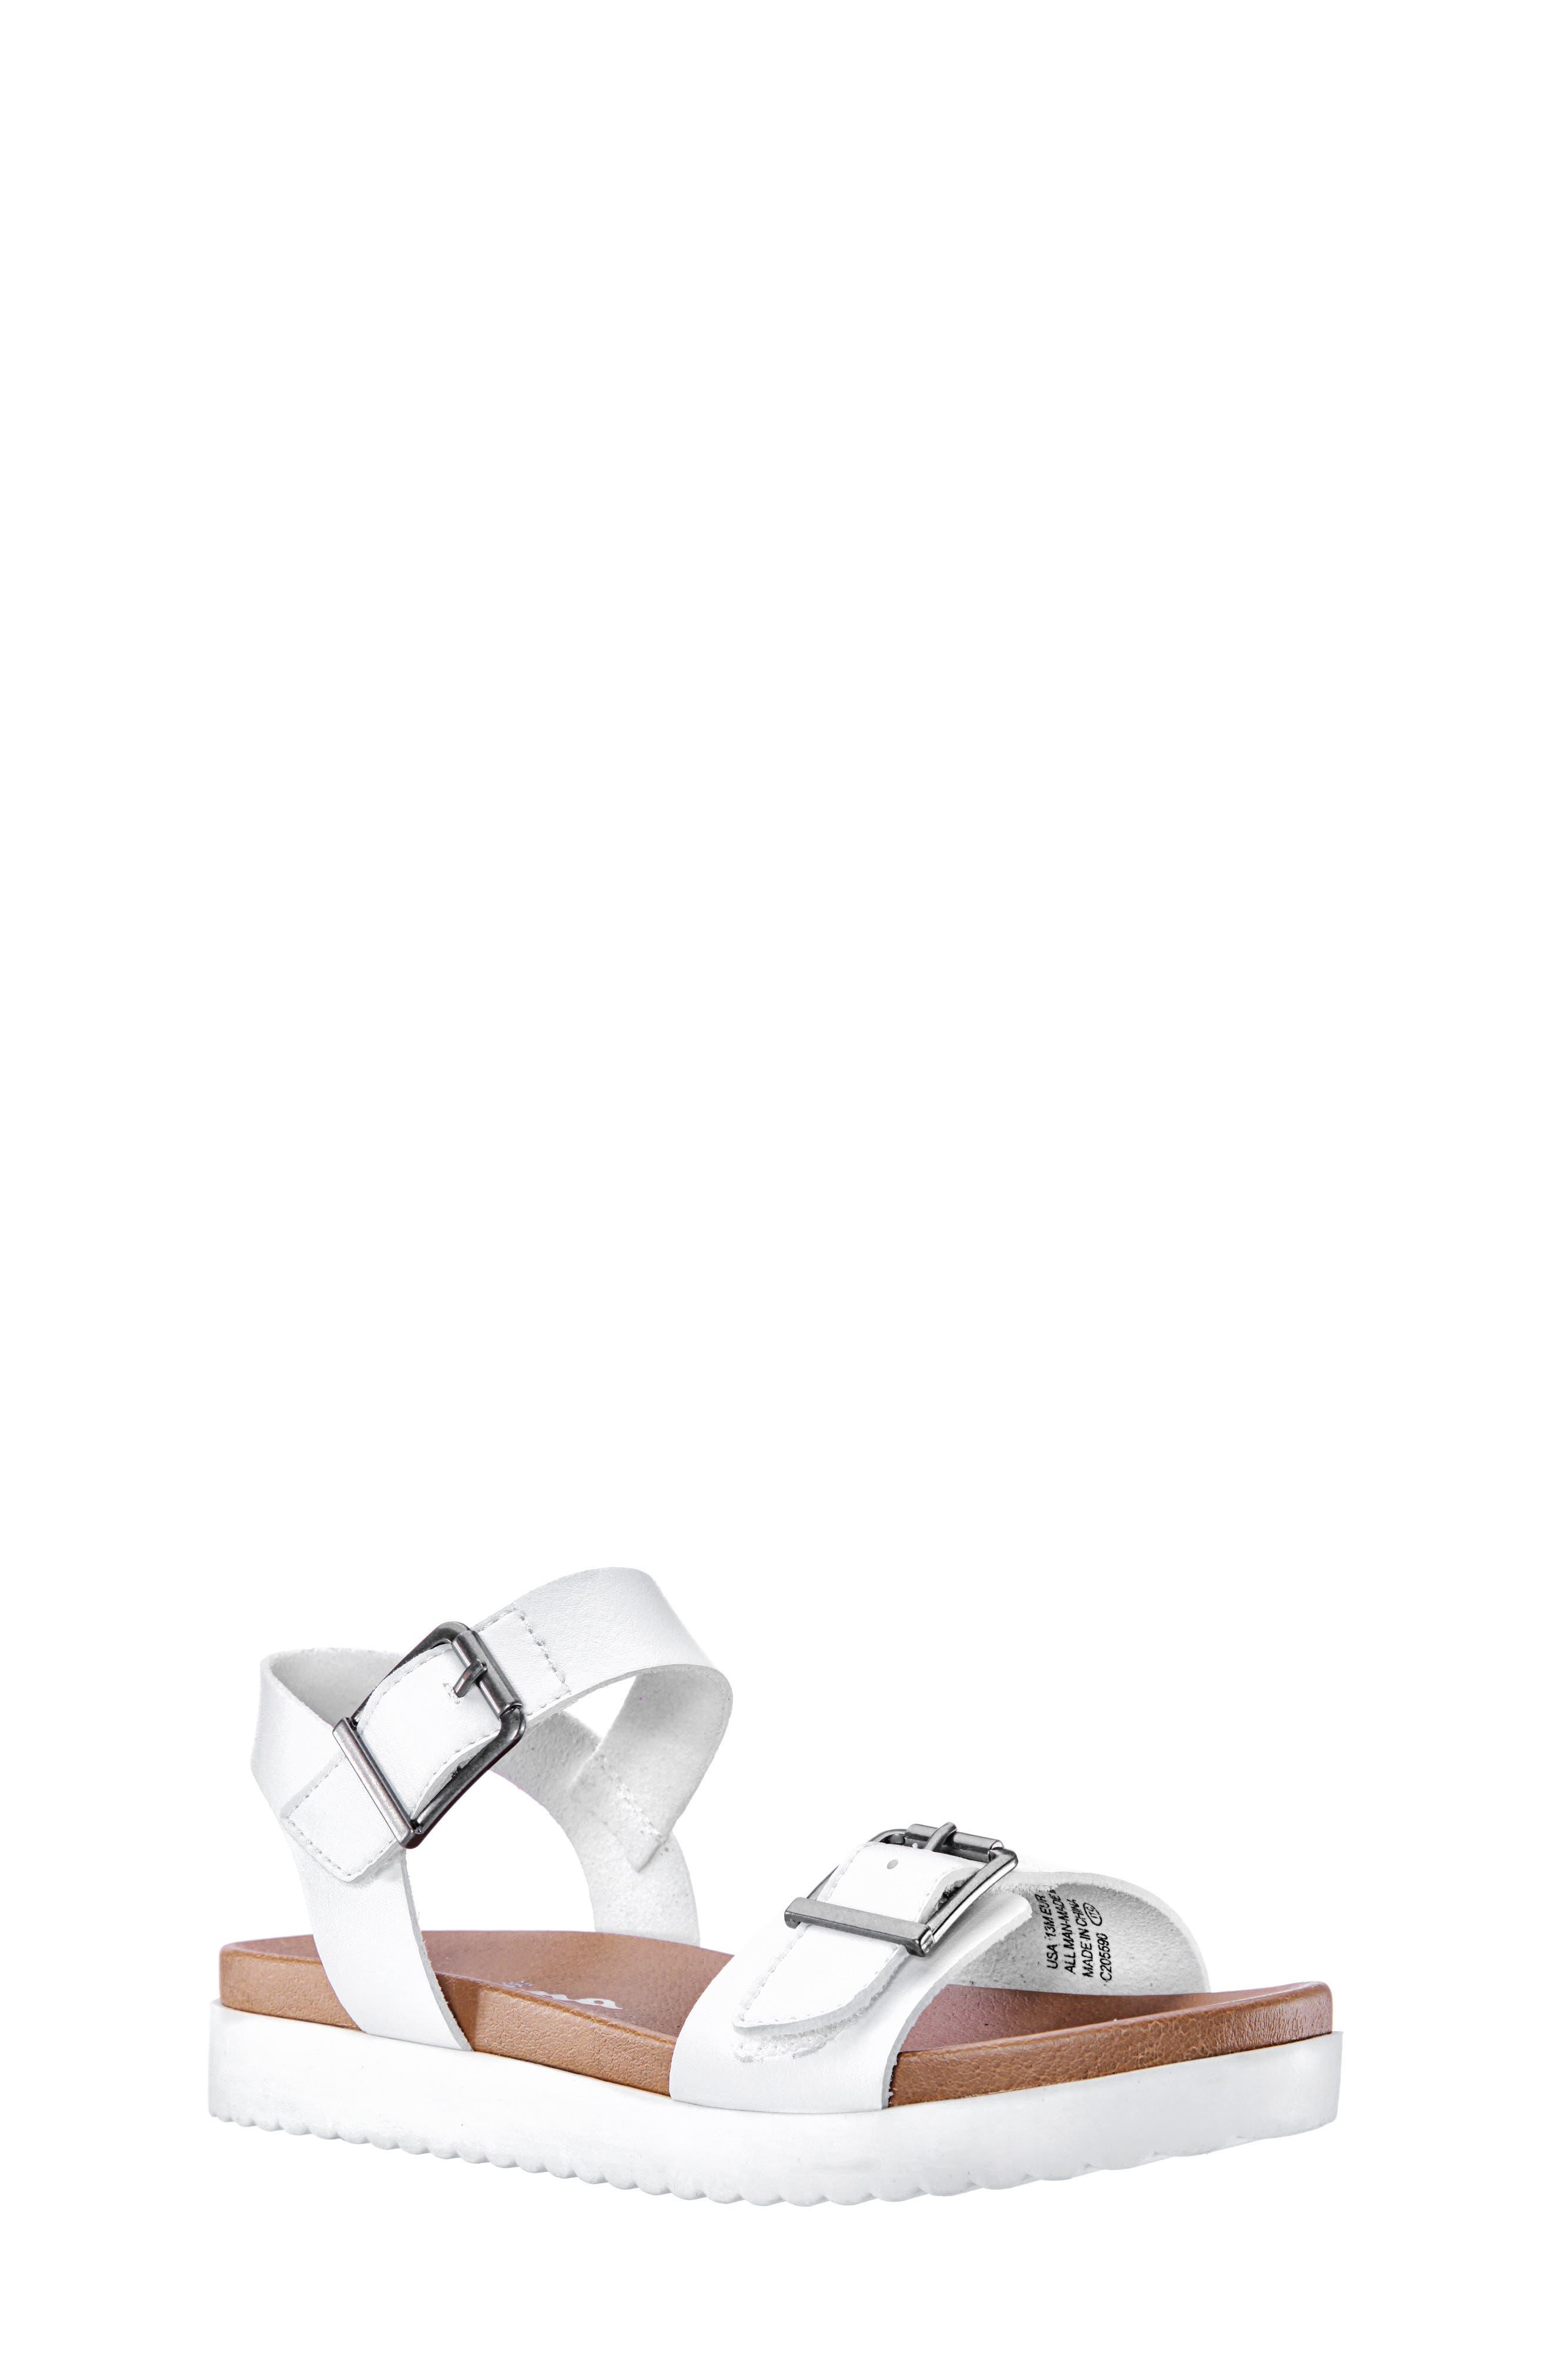 NINA Jacklin3 Quarter Strap Sandal, Main, color, WHITE TUMBLE